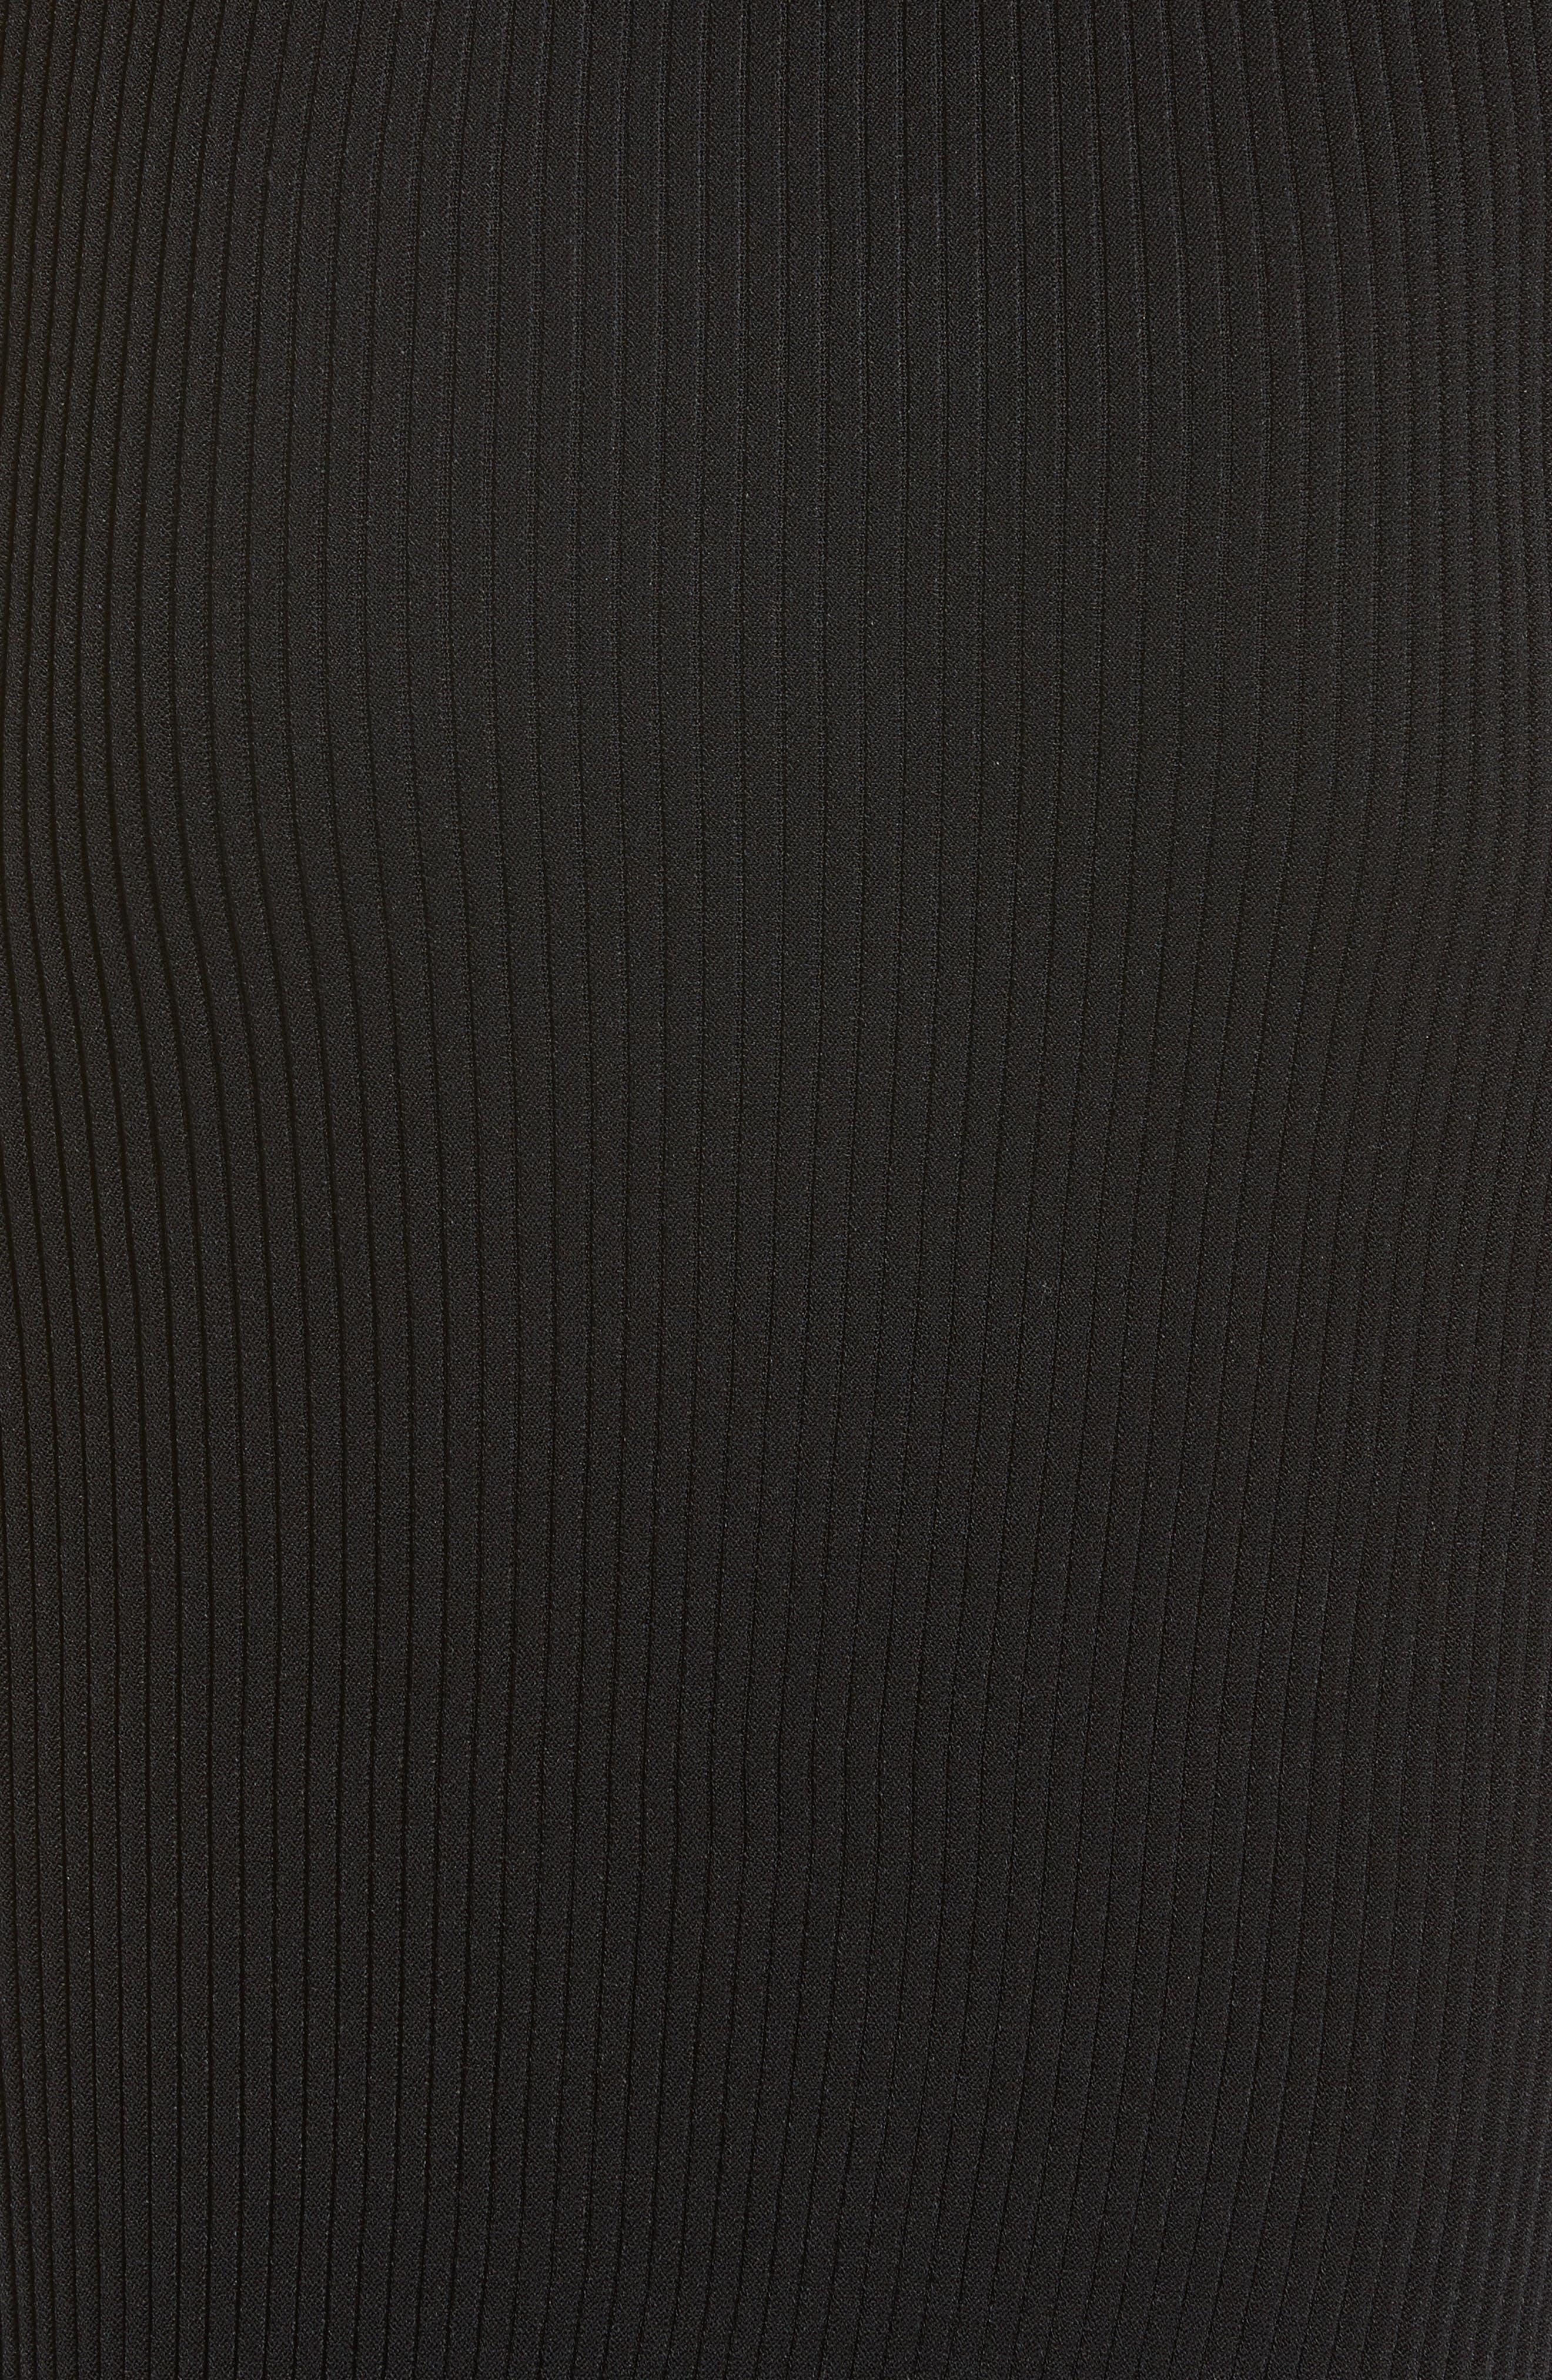 Rib Knit Ruffle Hem Midi Skirt,                             Alternate thumbnail 3, color,                             Black